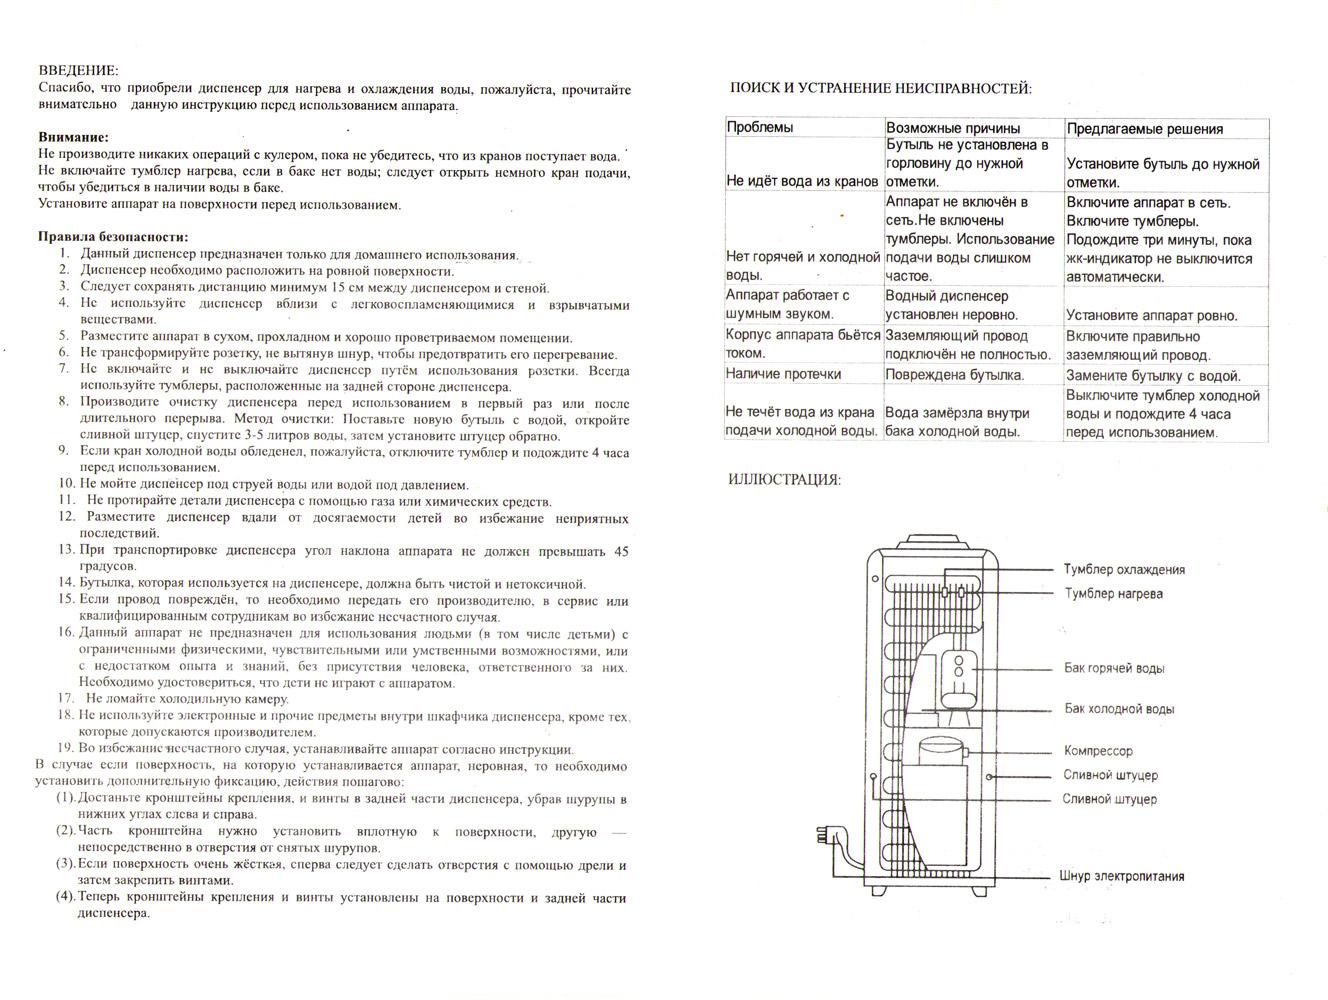 Кулер Aqua Work SLR-51 паспорт